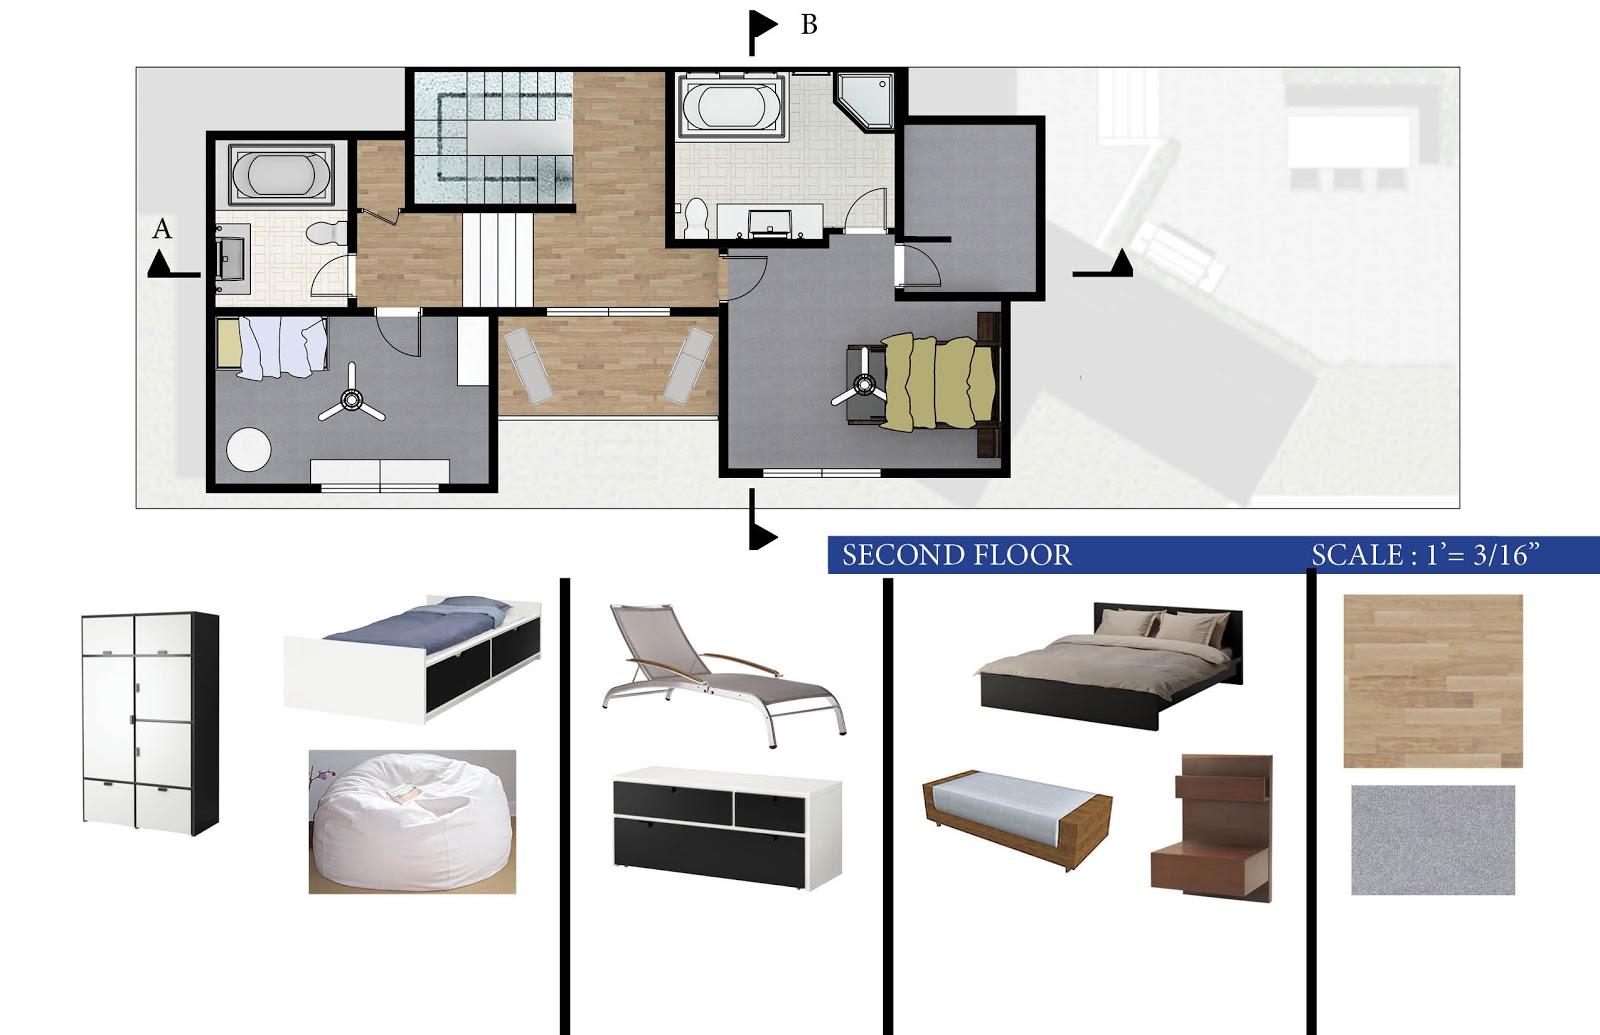 Residential Floor Plans  Jill Bouratoglou39;s Portfolio